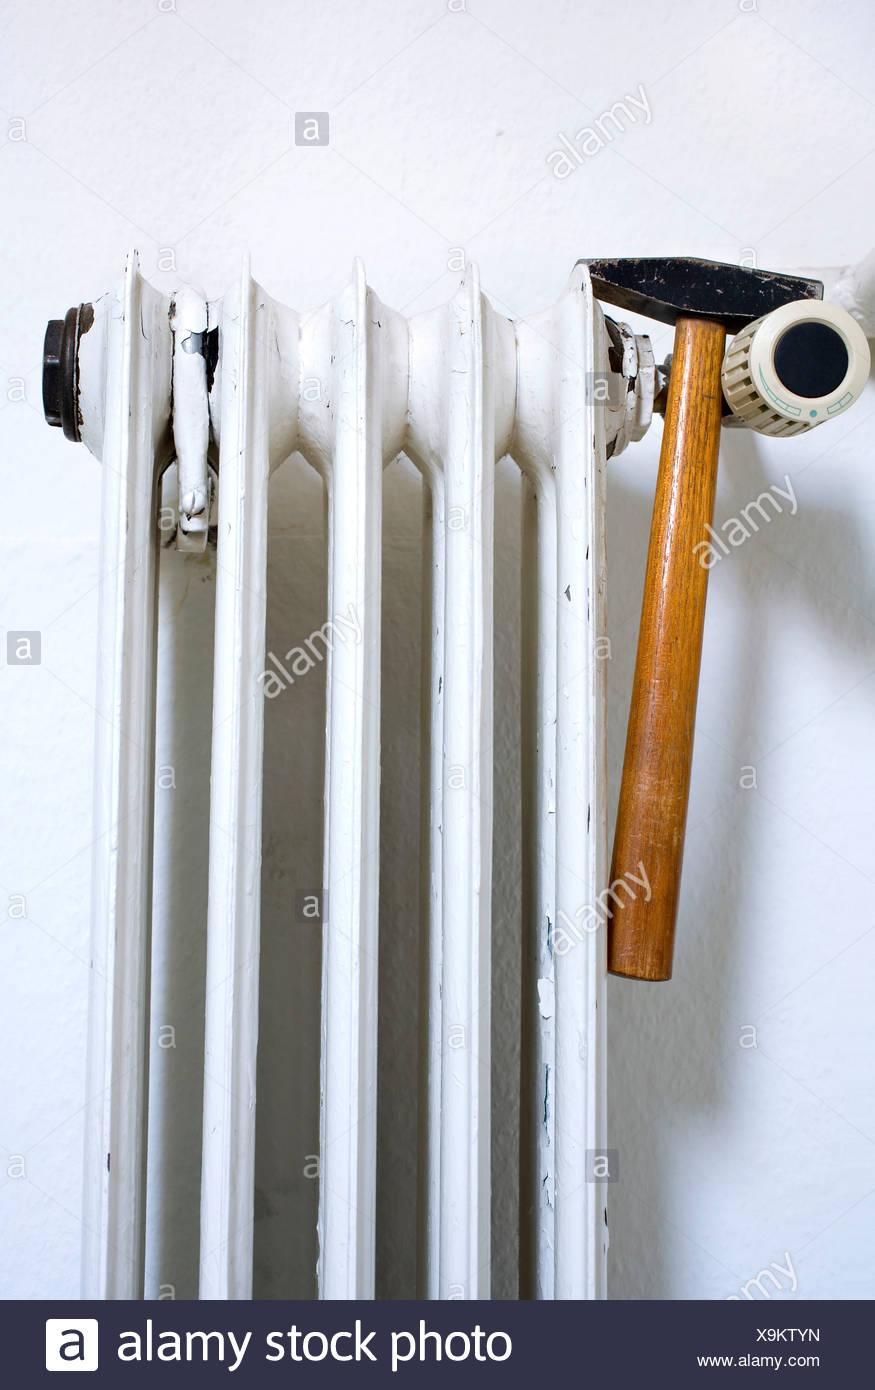 Alte Heizkörper alte heizkörper abblätternde farbe und einem hammer symbolisches